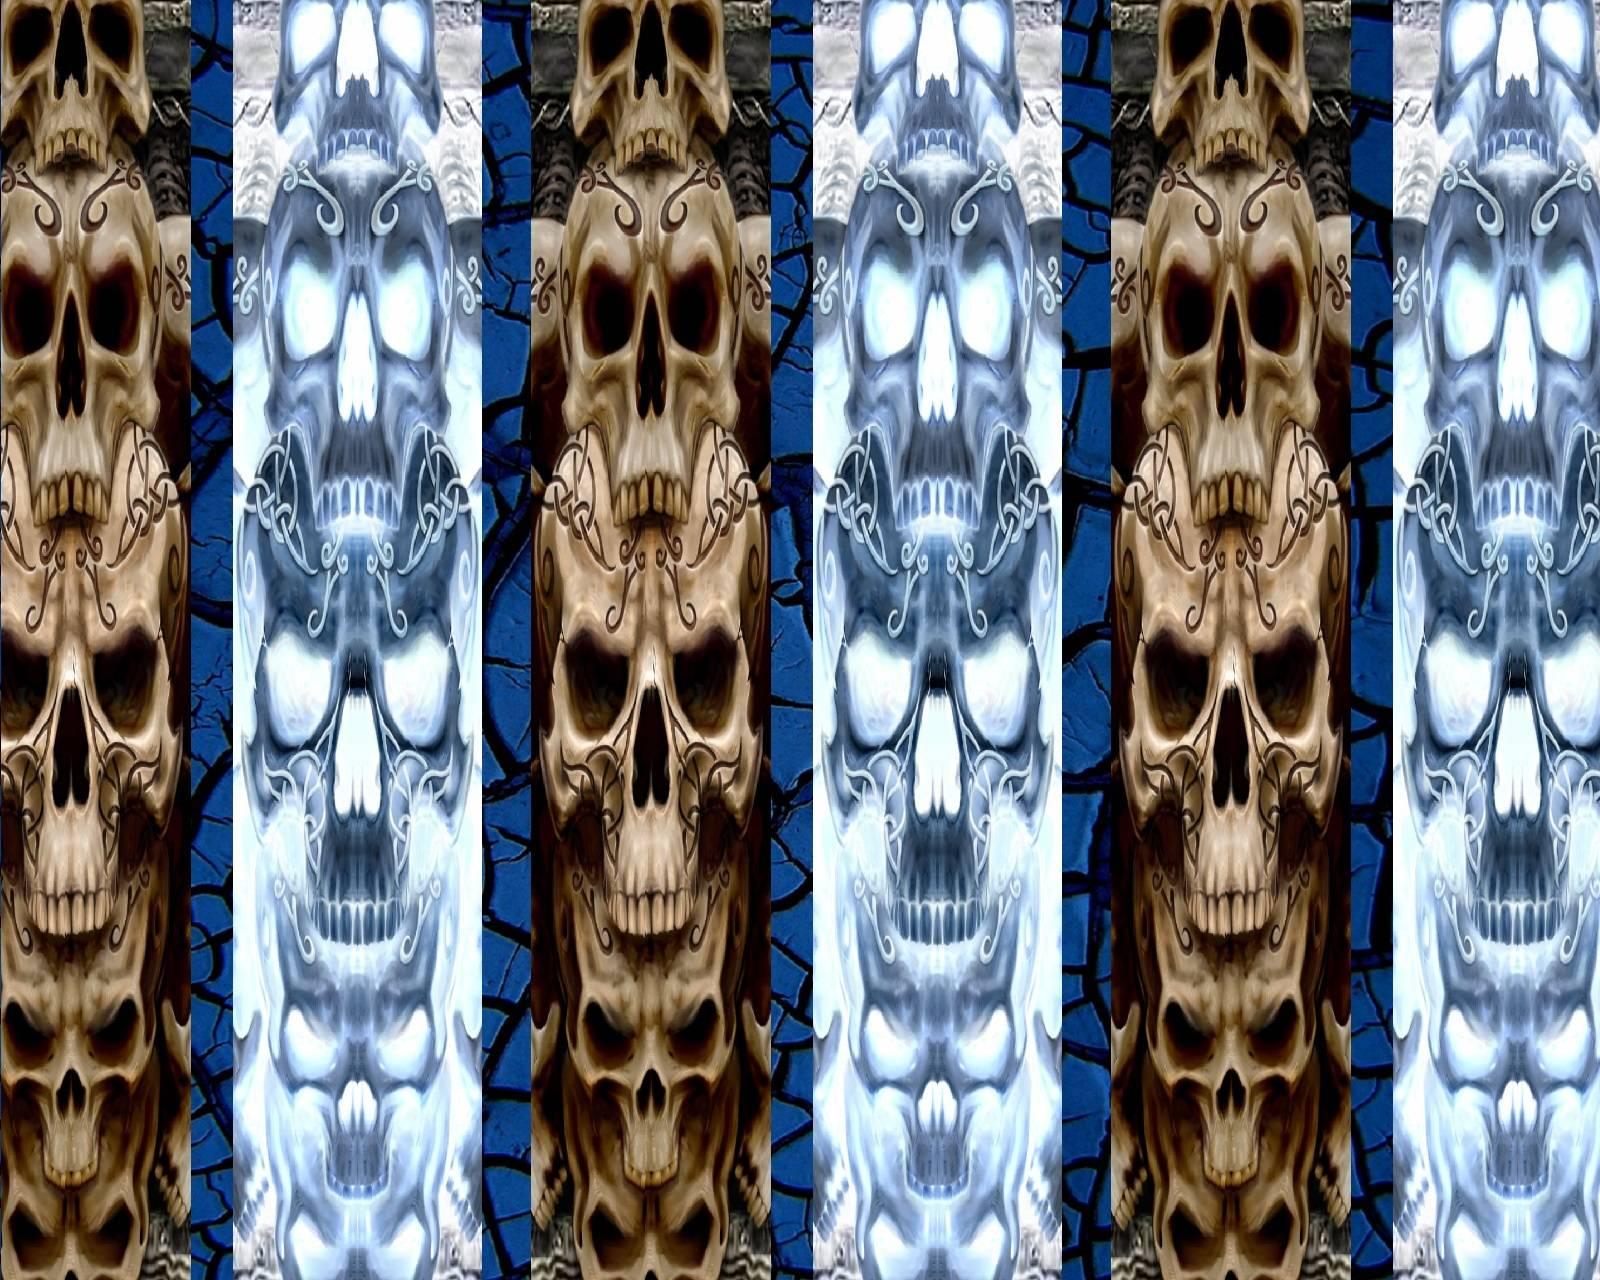 Skull Poles